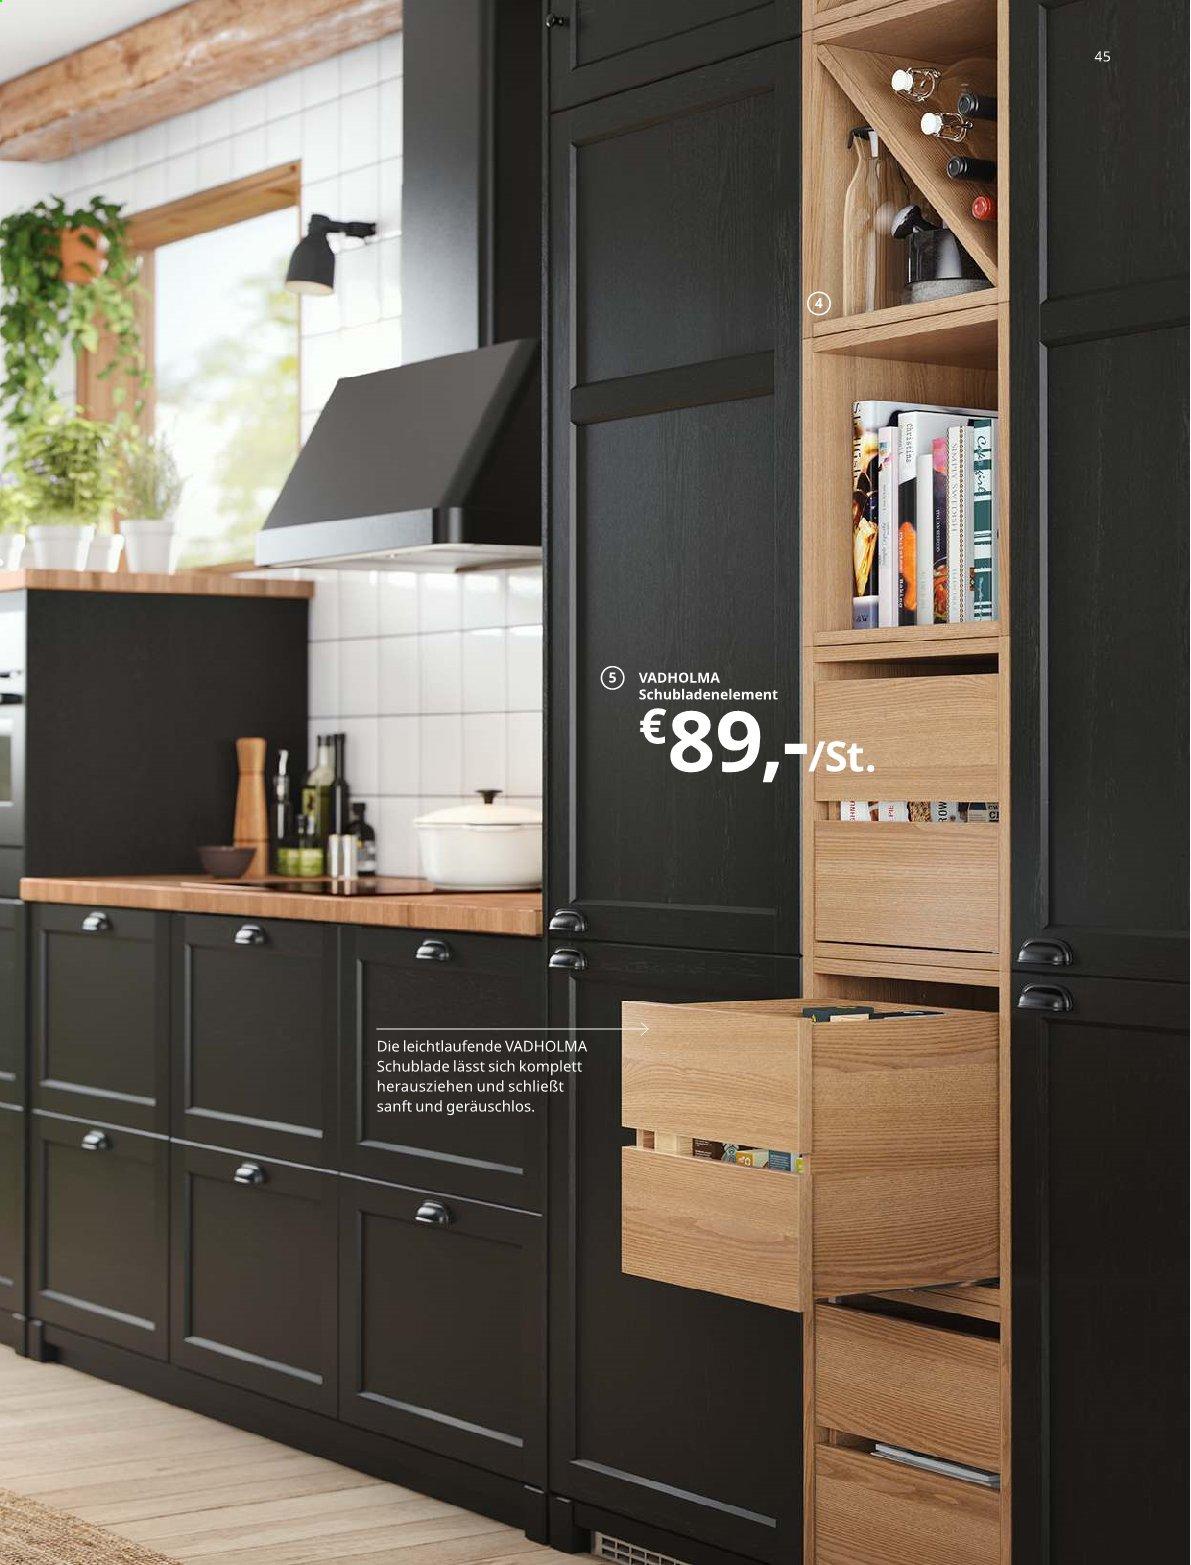 Full Size of Ikea Flugblatt 592019 31122020 Rabatt Kompass Küche Kosten Edelstahlküche Modulküche Betten Bei Sofa Mit Schlaffunktion Miniküche 160x200 Kaufen Gebraucht Wohnzimmer Ikea Edelstahlküche